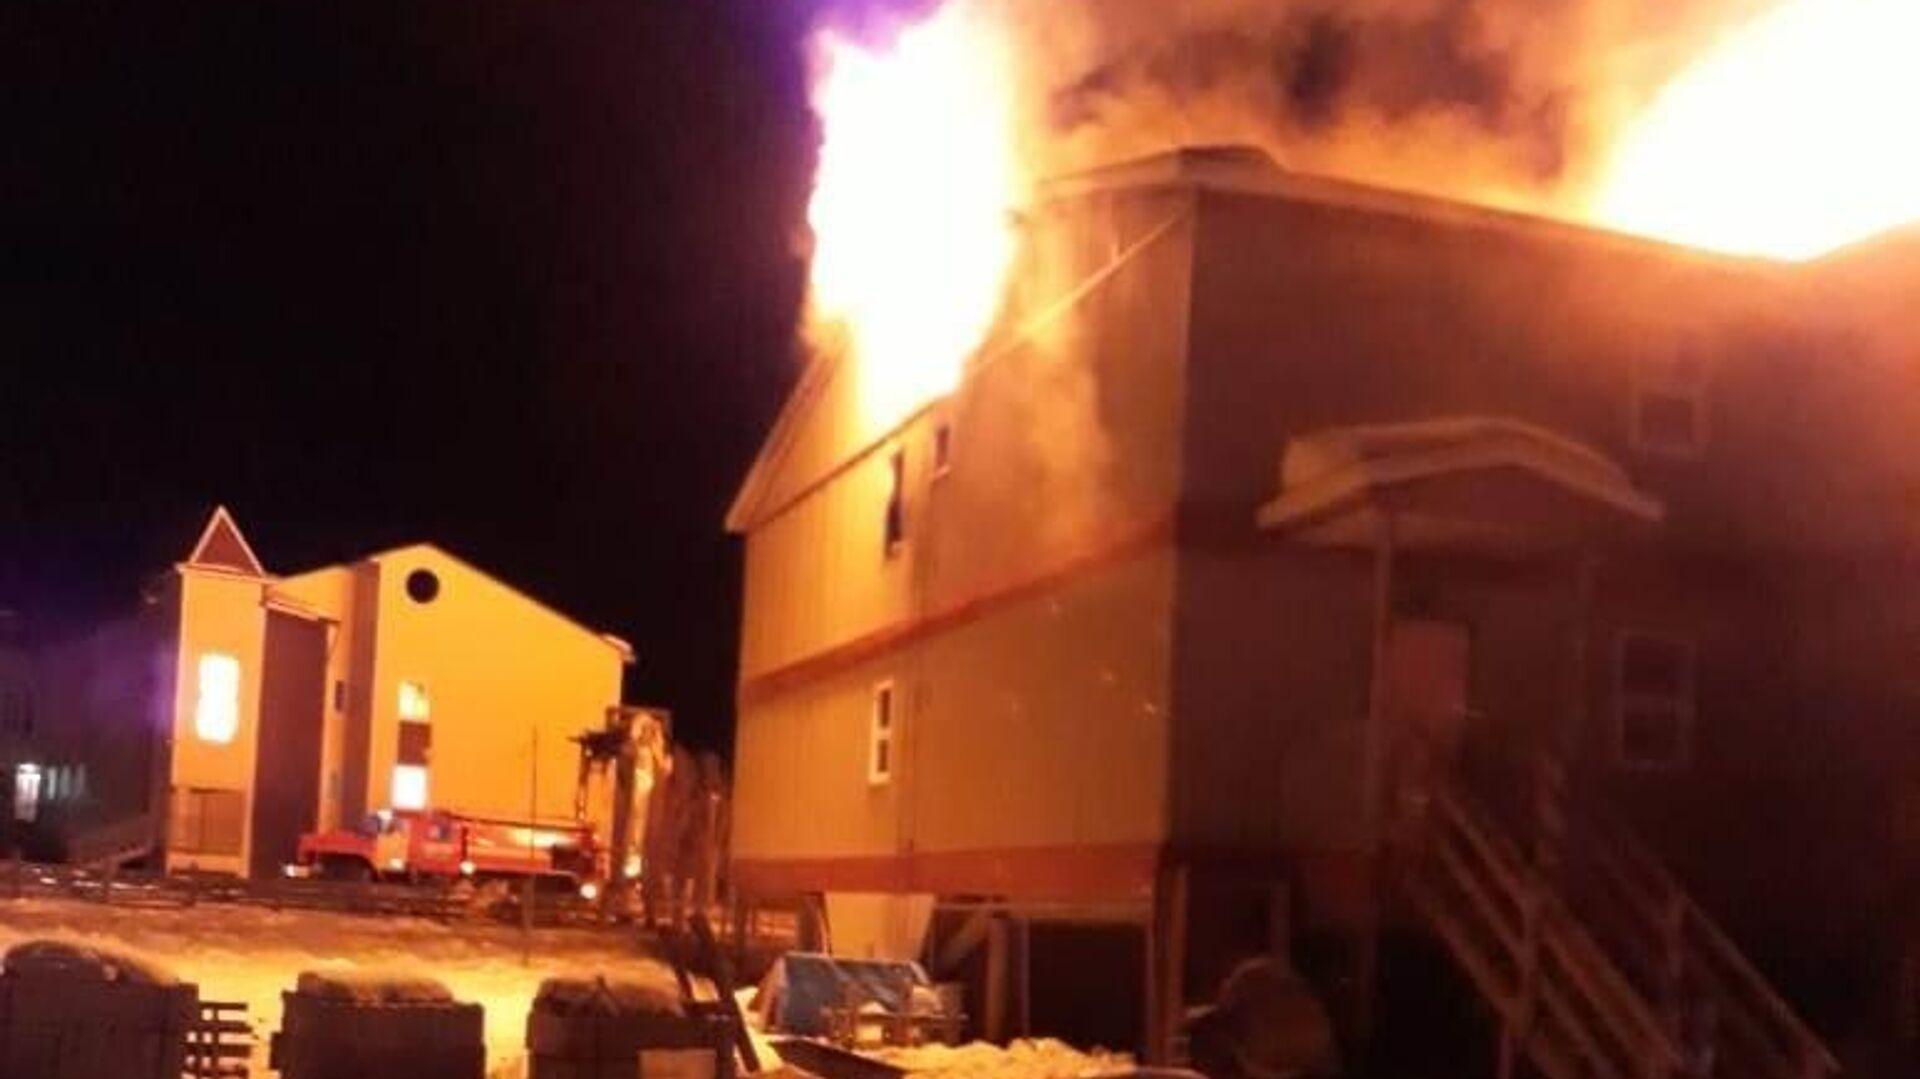 Площадь пожара в Люберцах увеличилась до шести тысяч